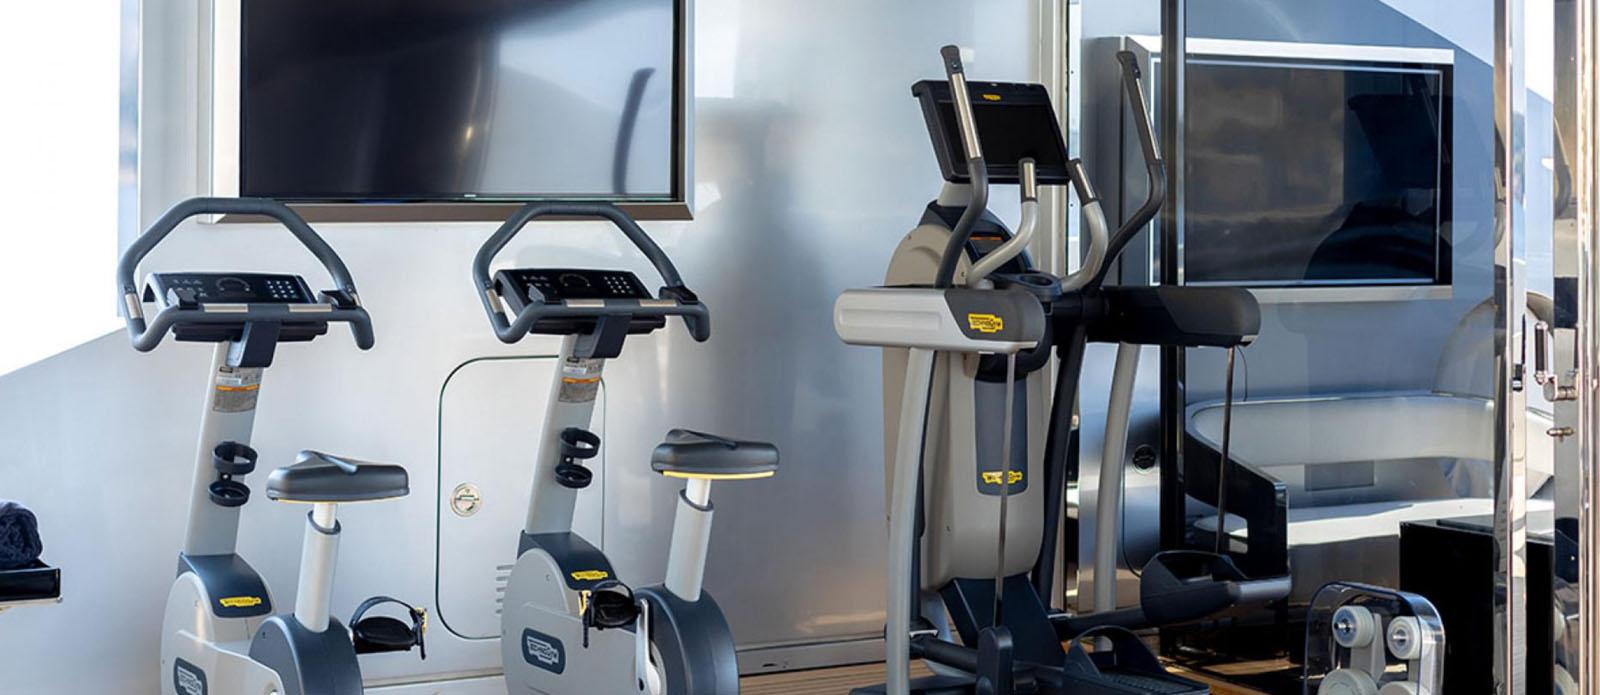 Sarastar -Gym